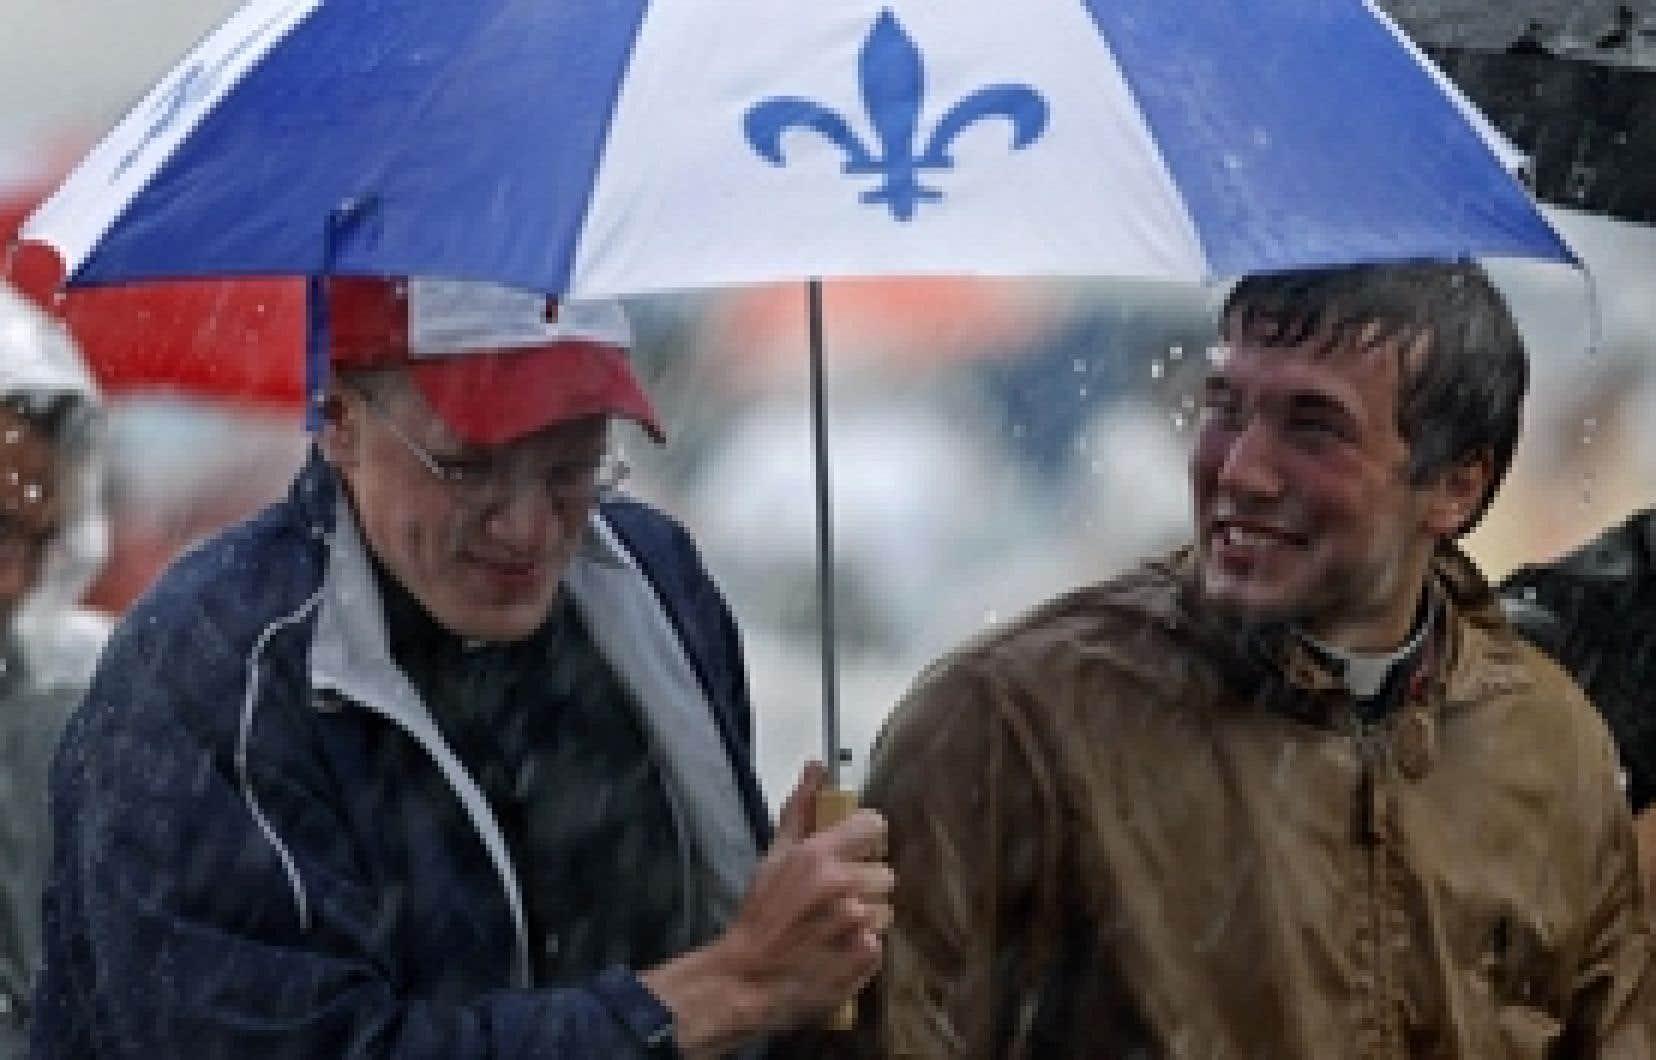 Au cours des mois de juin et juillet, les Montréalais ont connu  35 jours de pluie. Pire, l'Abitibi et la ville de Québec ont eu droit à respectivement 45 et 42 jours de précipitations.